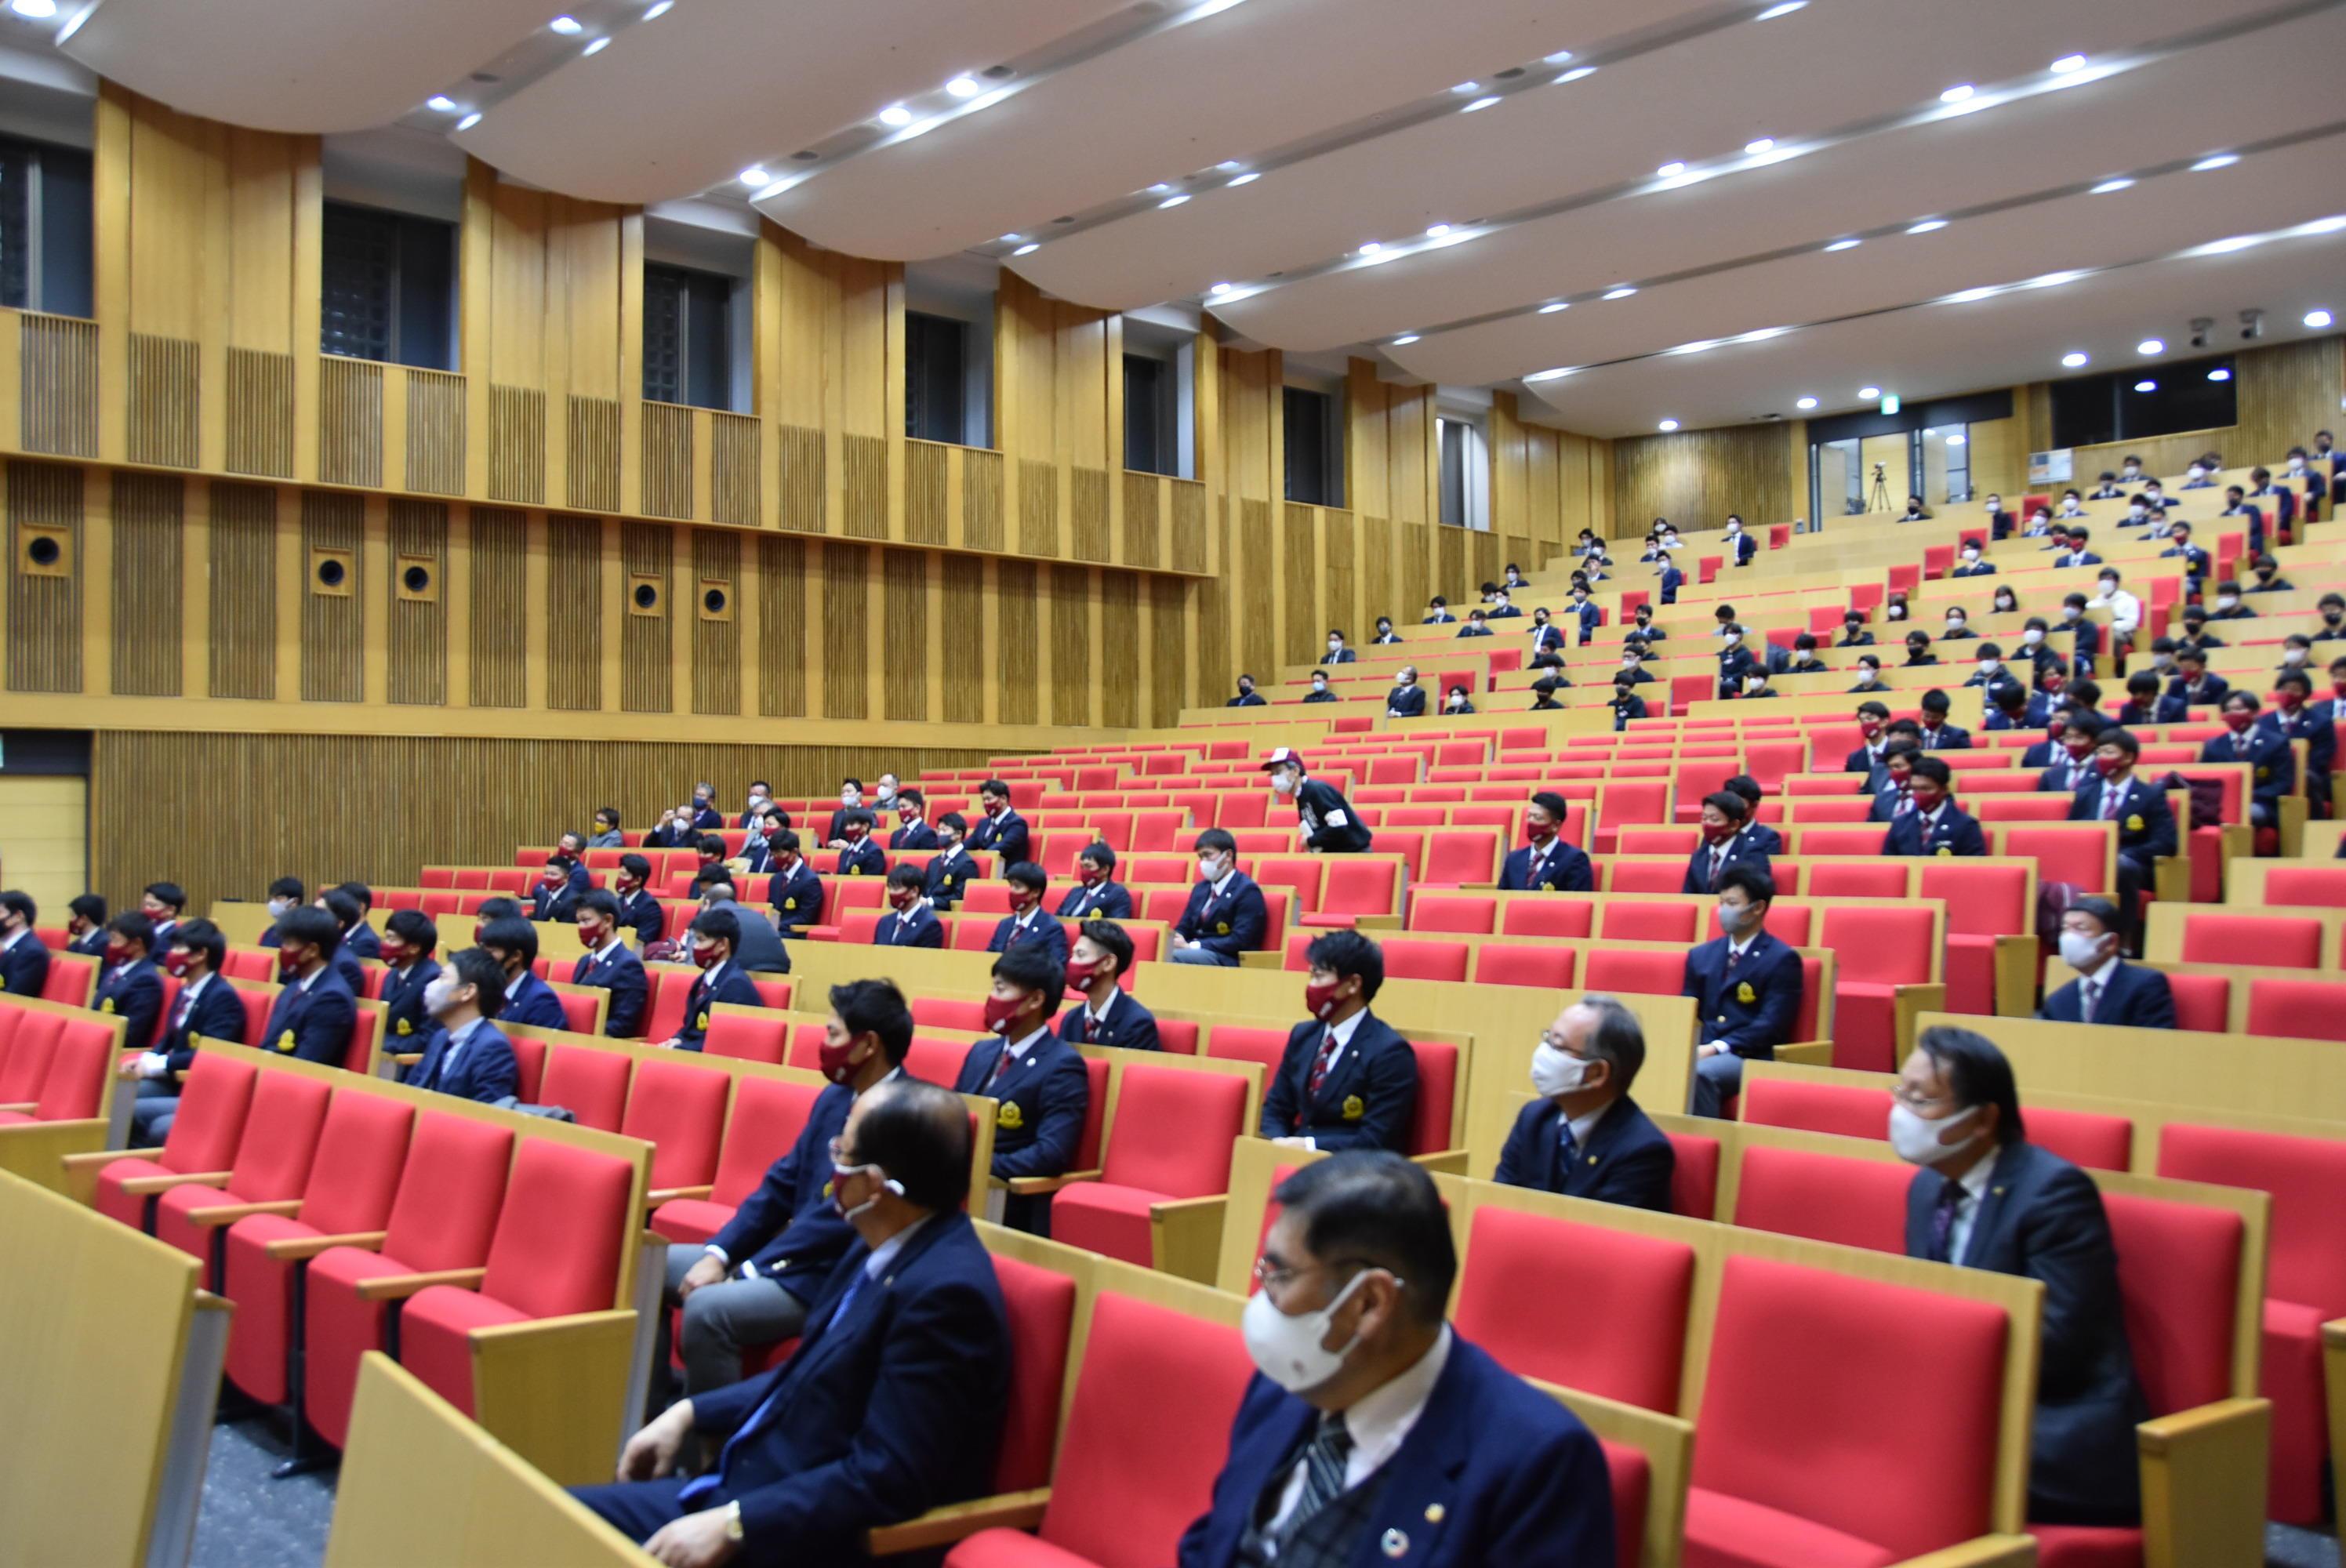 新型コロナウイルス感染症対策で離れて座る参加者